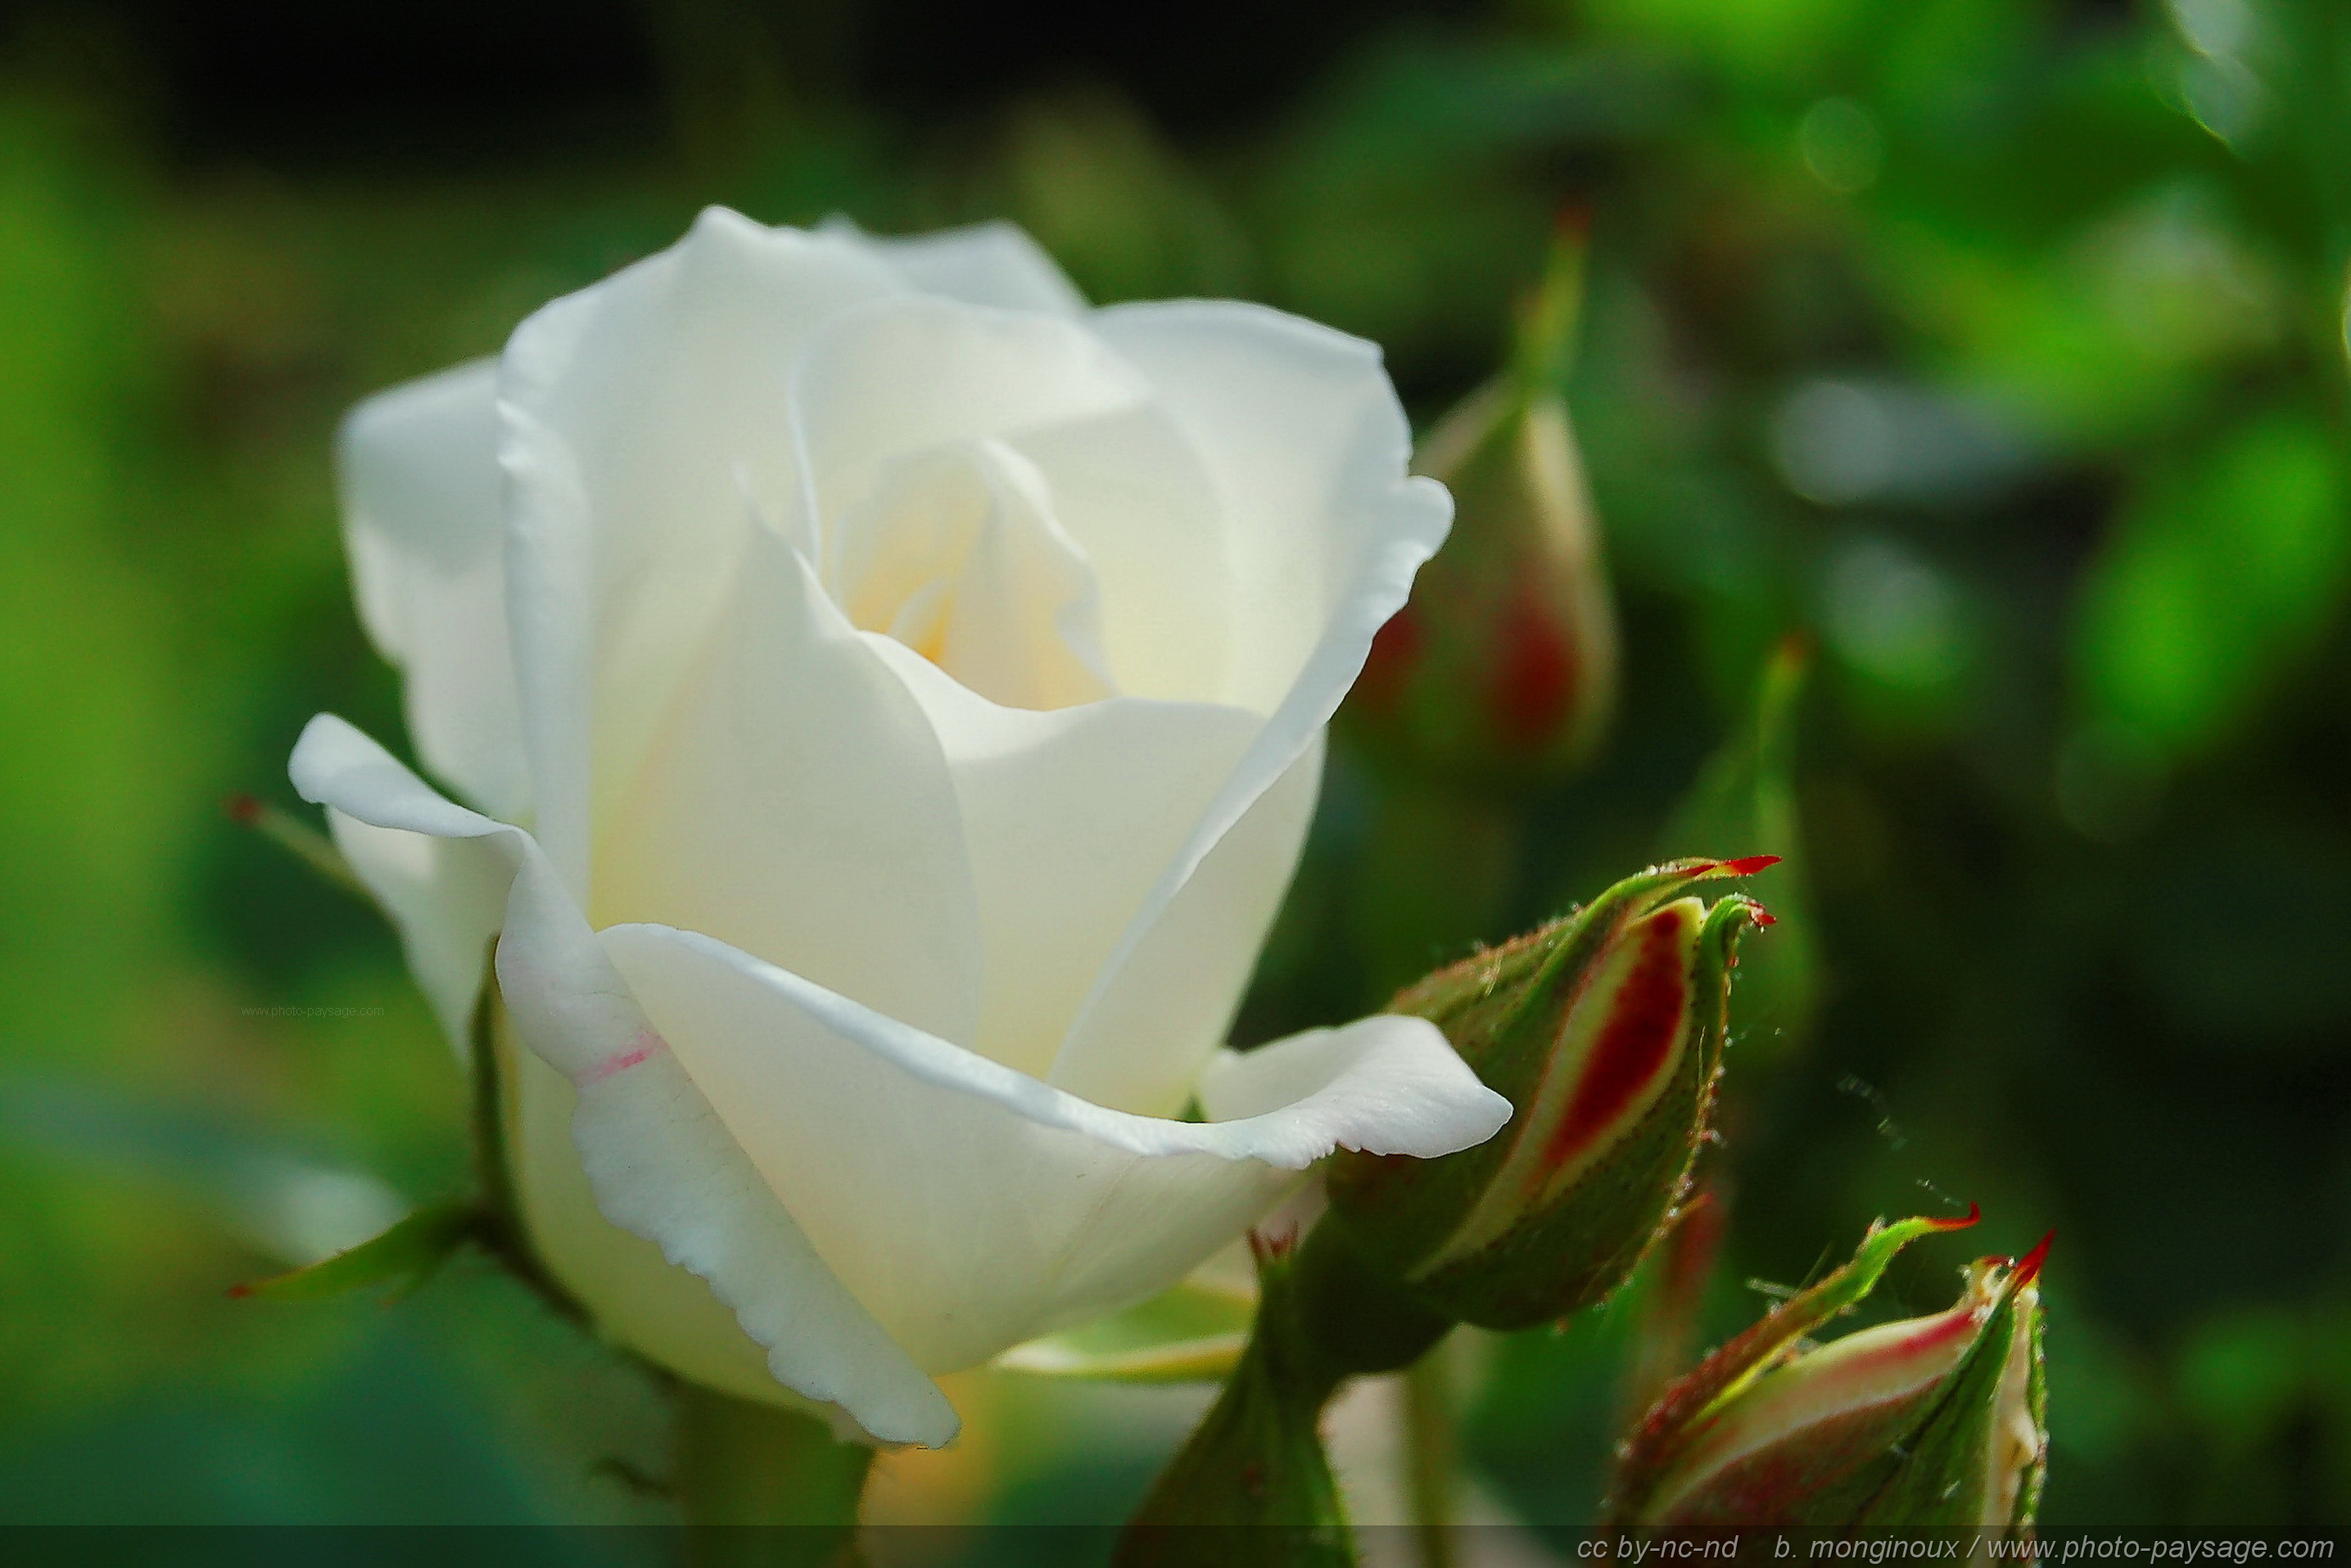 Cliquez ici pour afficher et t l charger le fond d 39 ecran - Rose de noel blanche ...